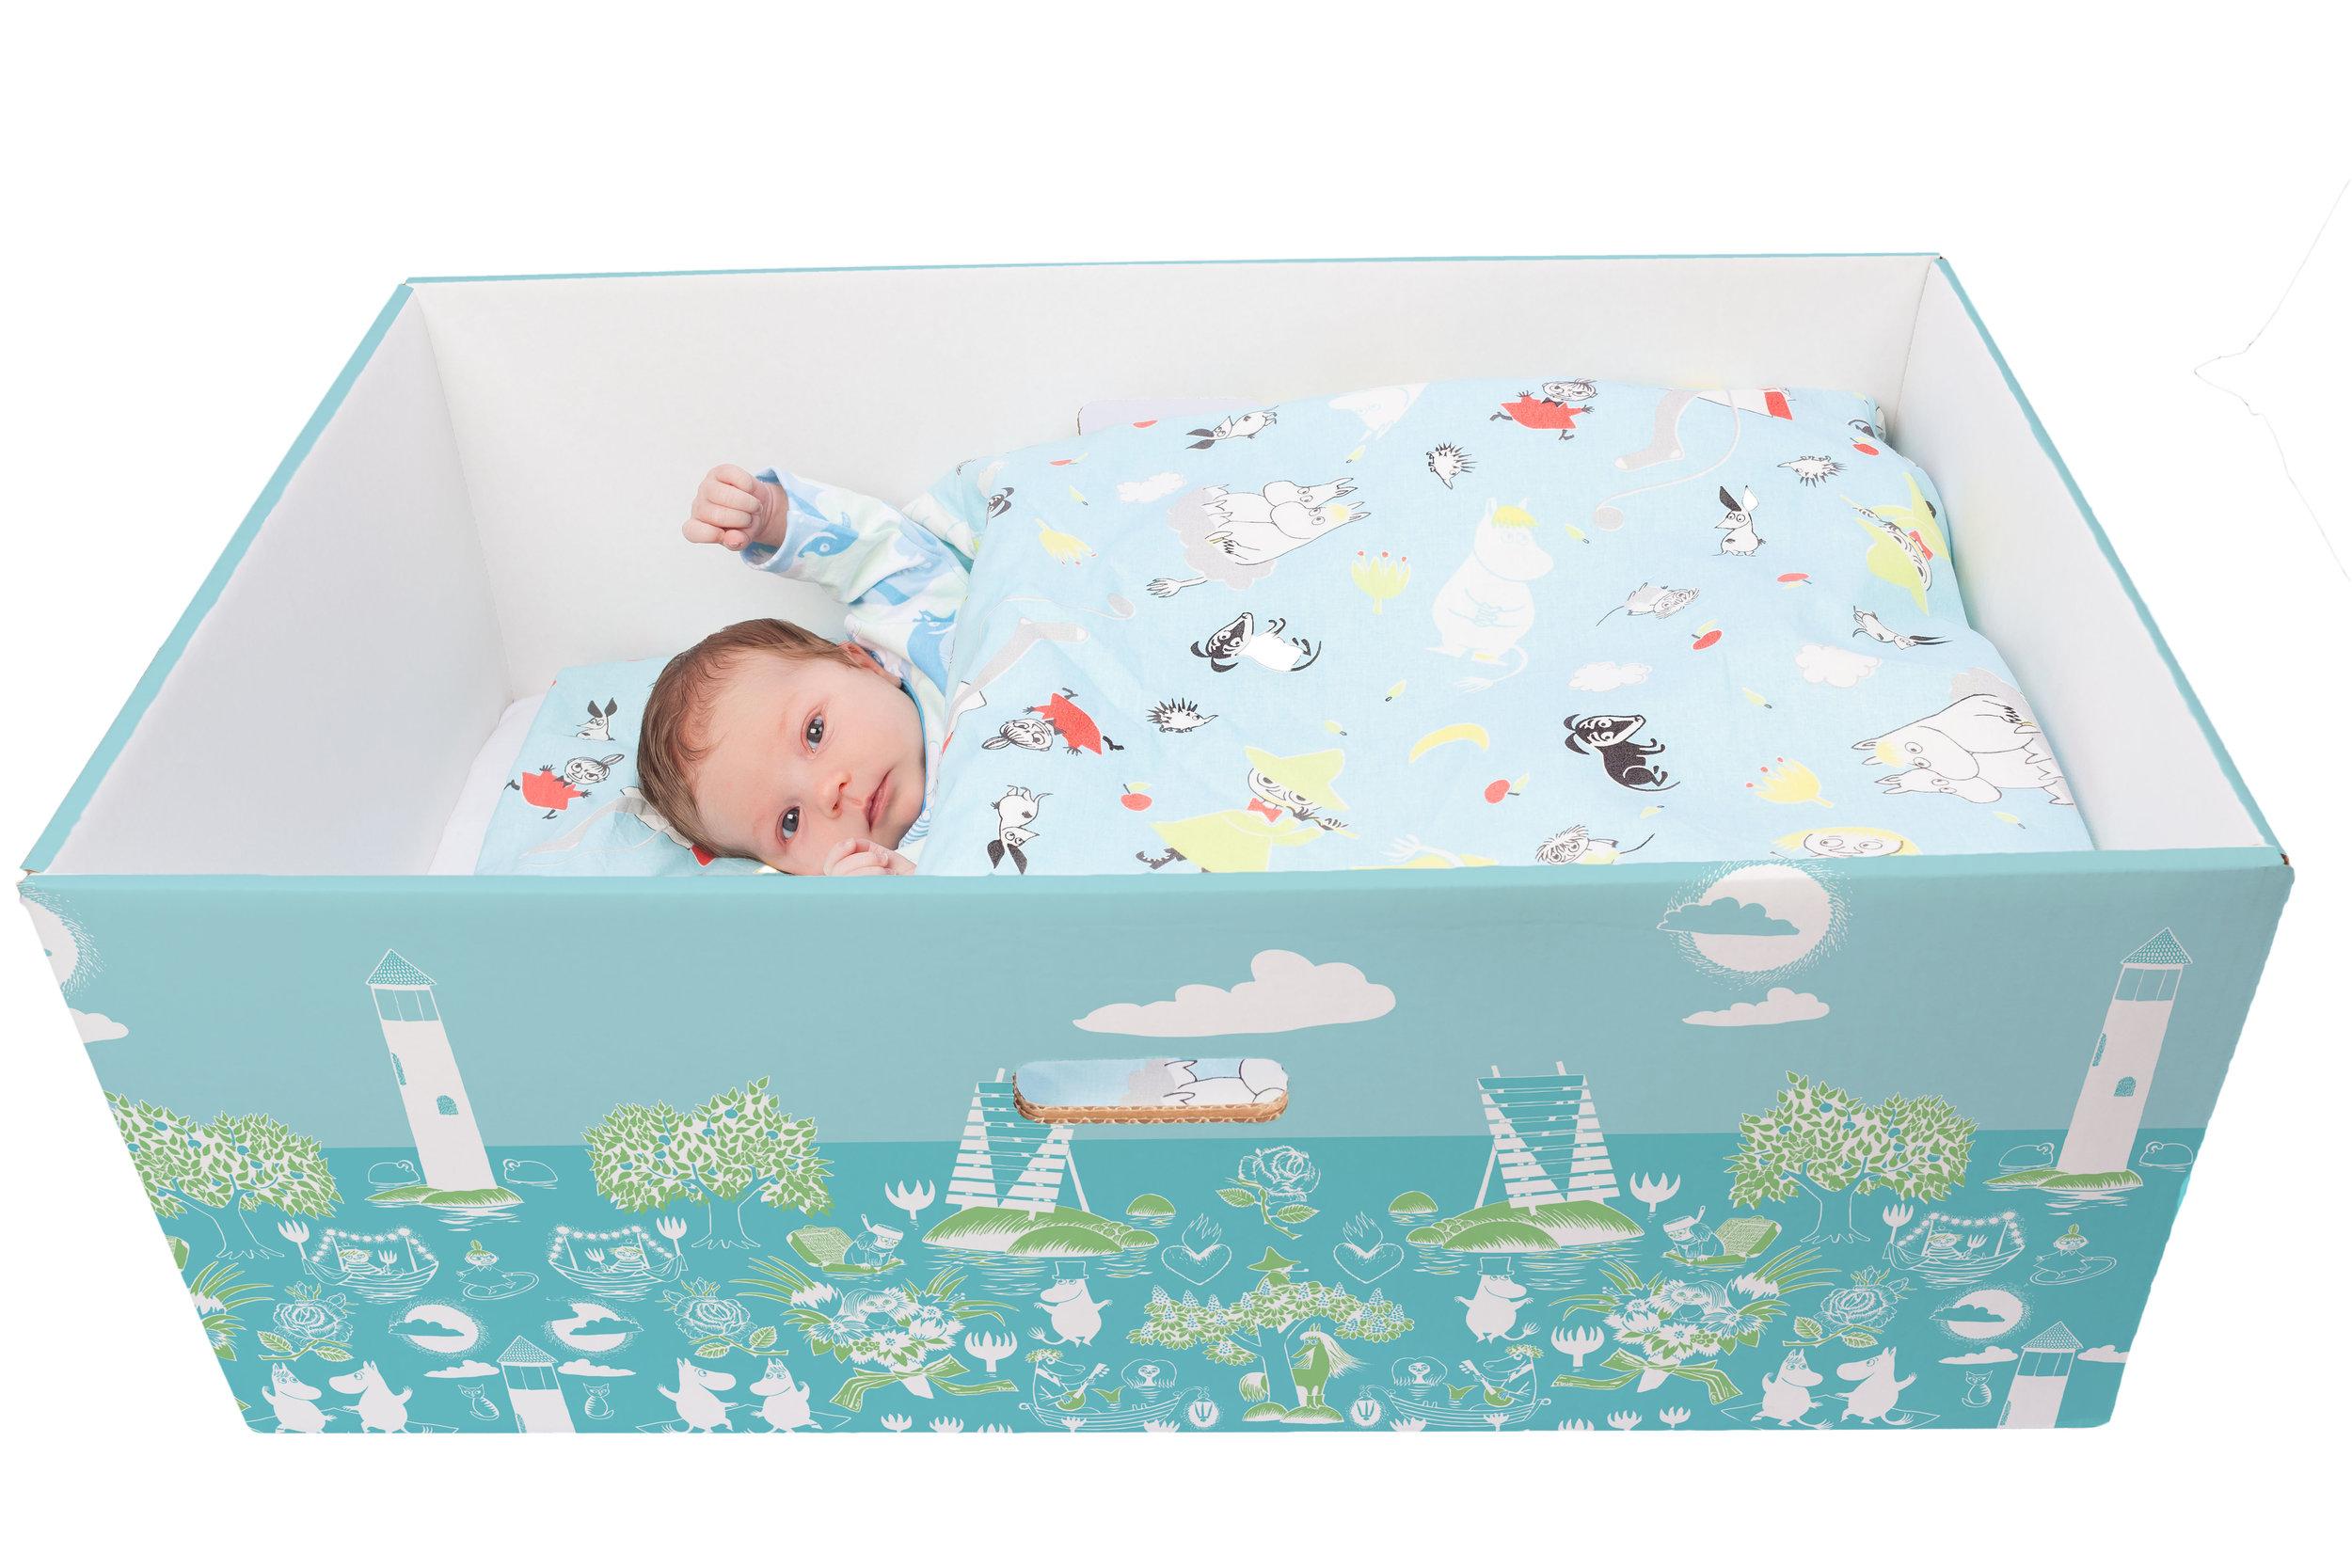 A Finish baby box. Photo courtesy of  Finnish Baby Box .